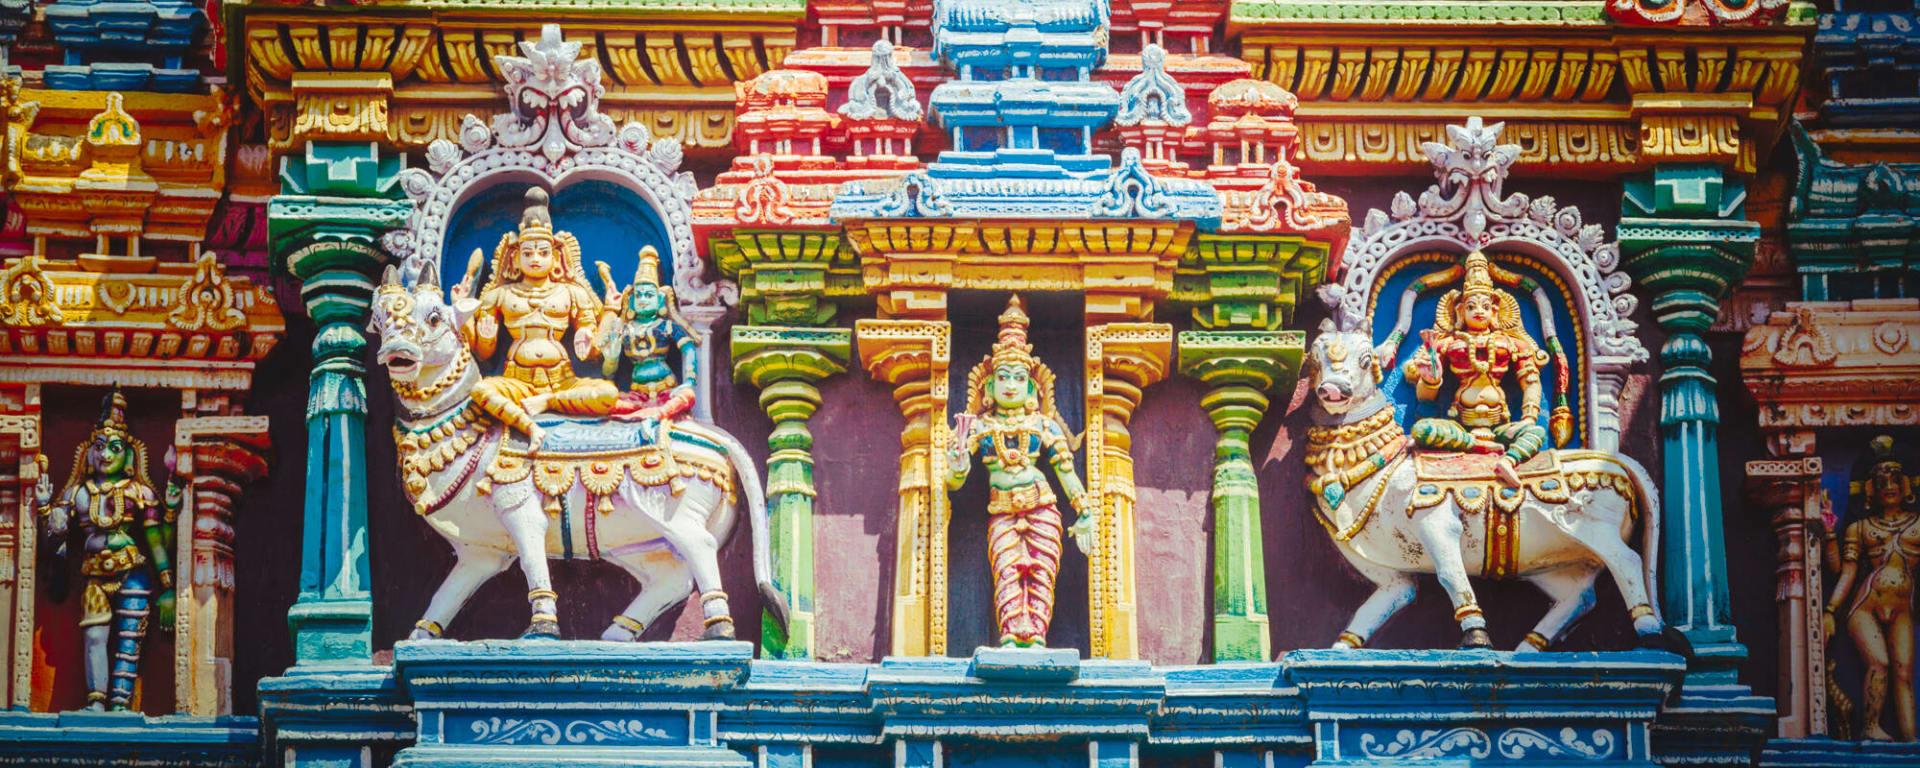 Indien entdecken mit Tischler Reisen: Indien Madurai Menkshi Tempel